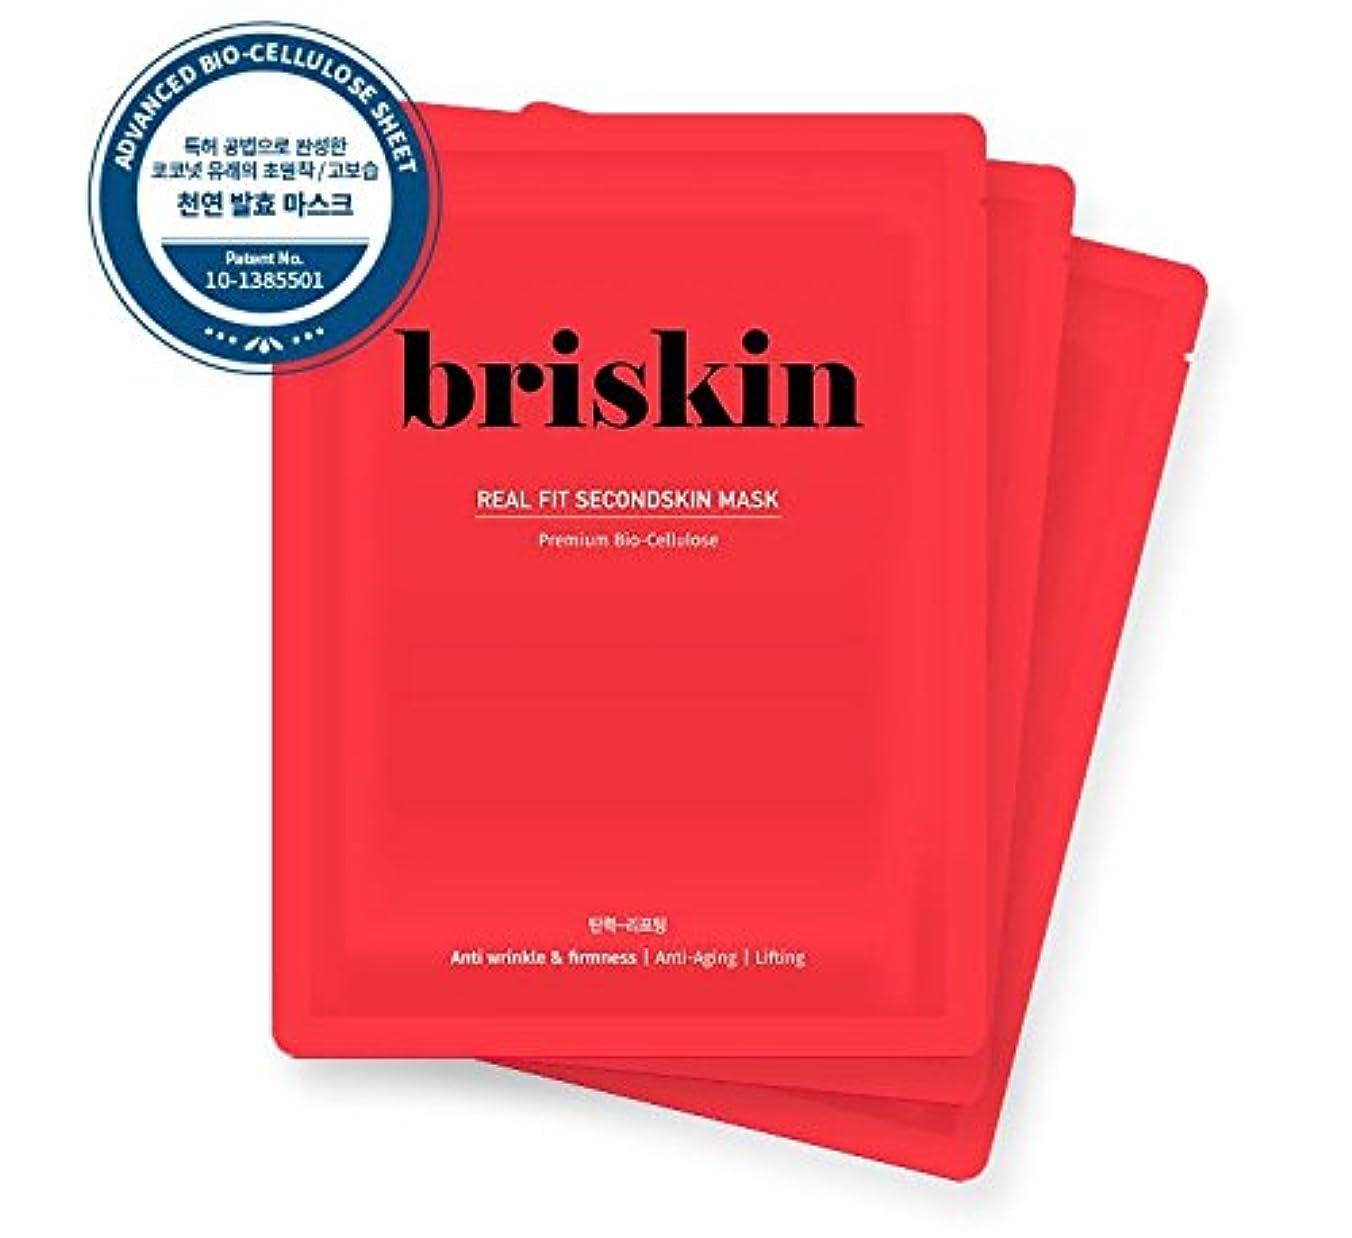 を除く野球会話Briskin Real Fit Secondskin Mask [Wrinkle & Firmness] ブリスキン シートマスク 弾力 (5枚) [並行輸入品]